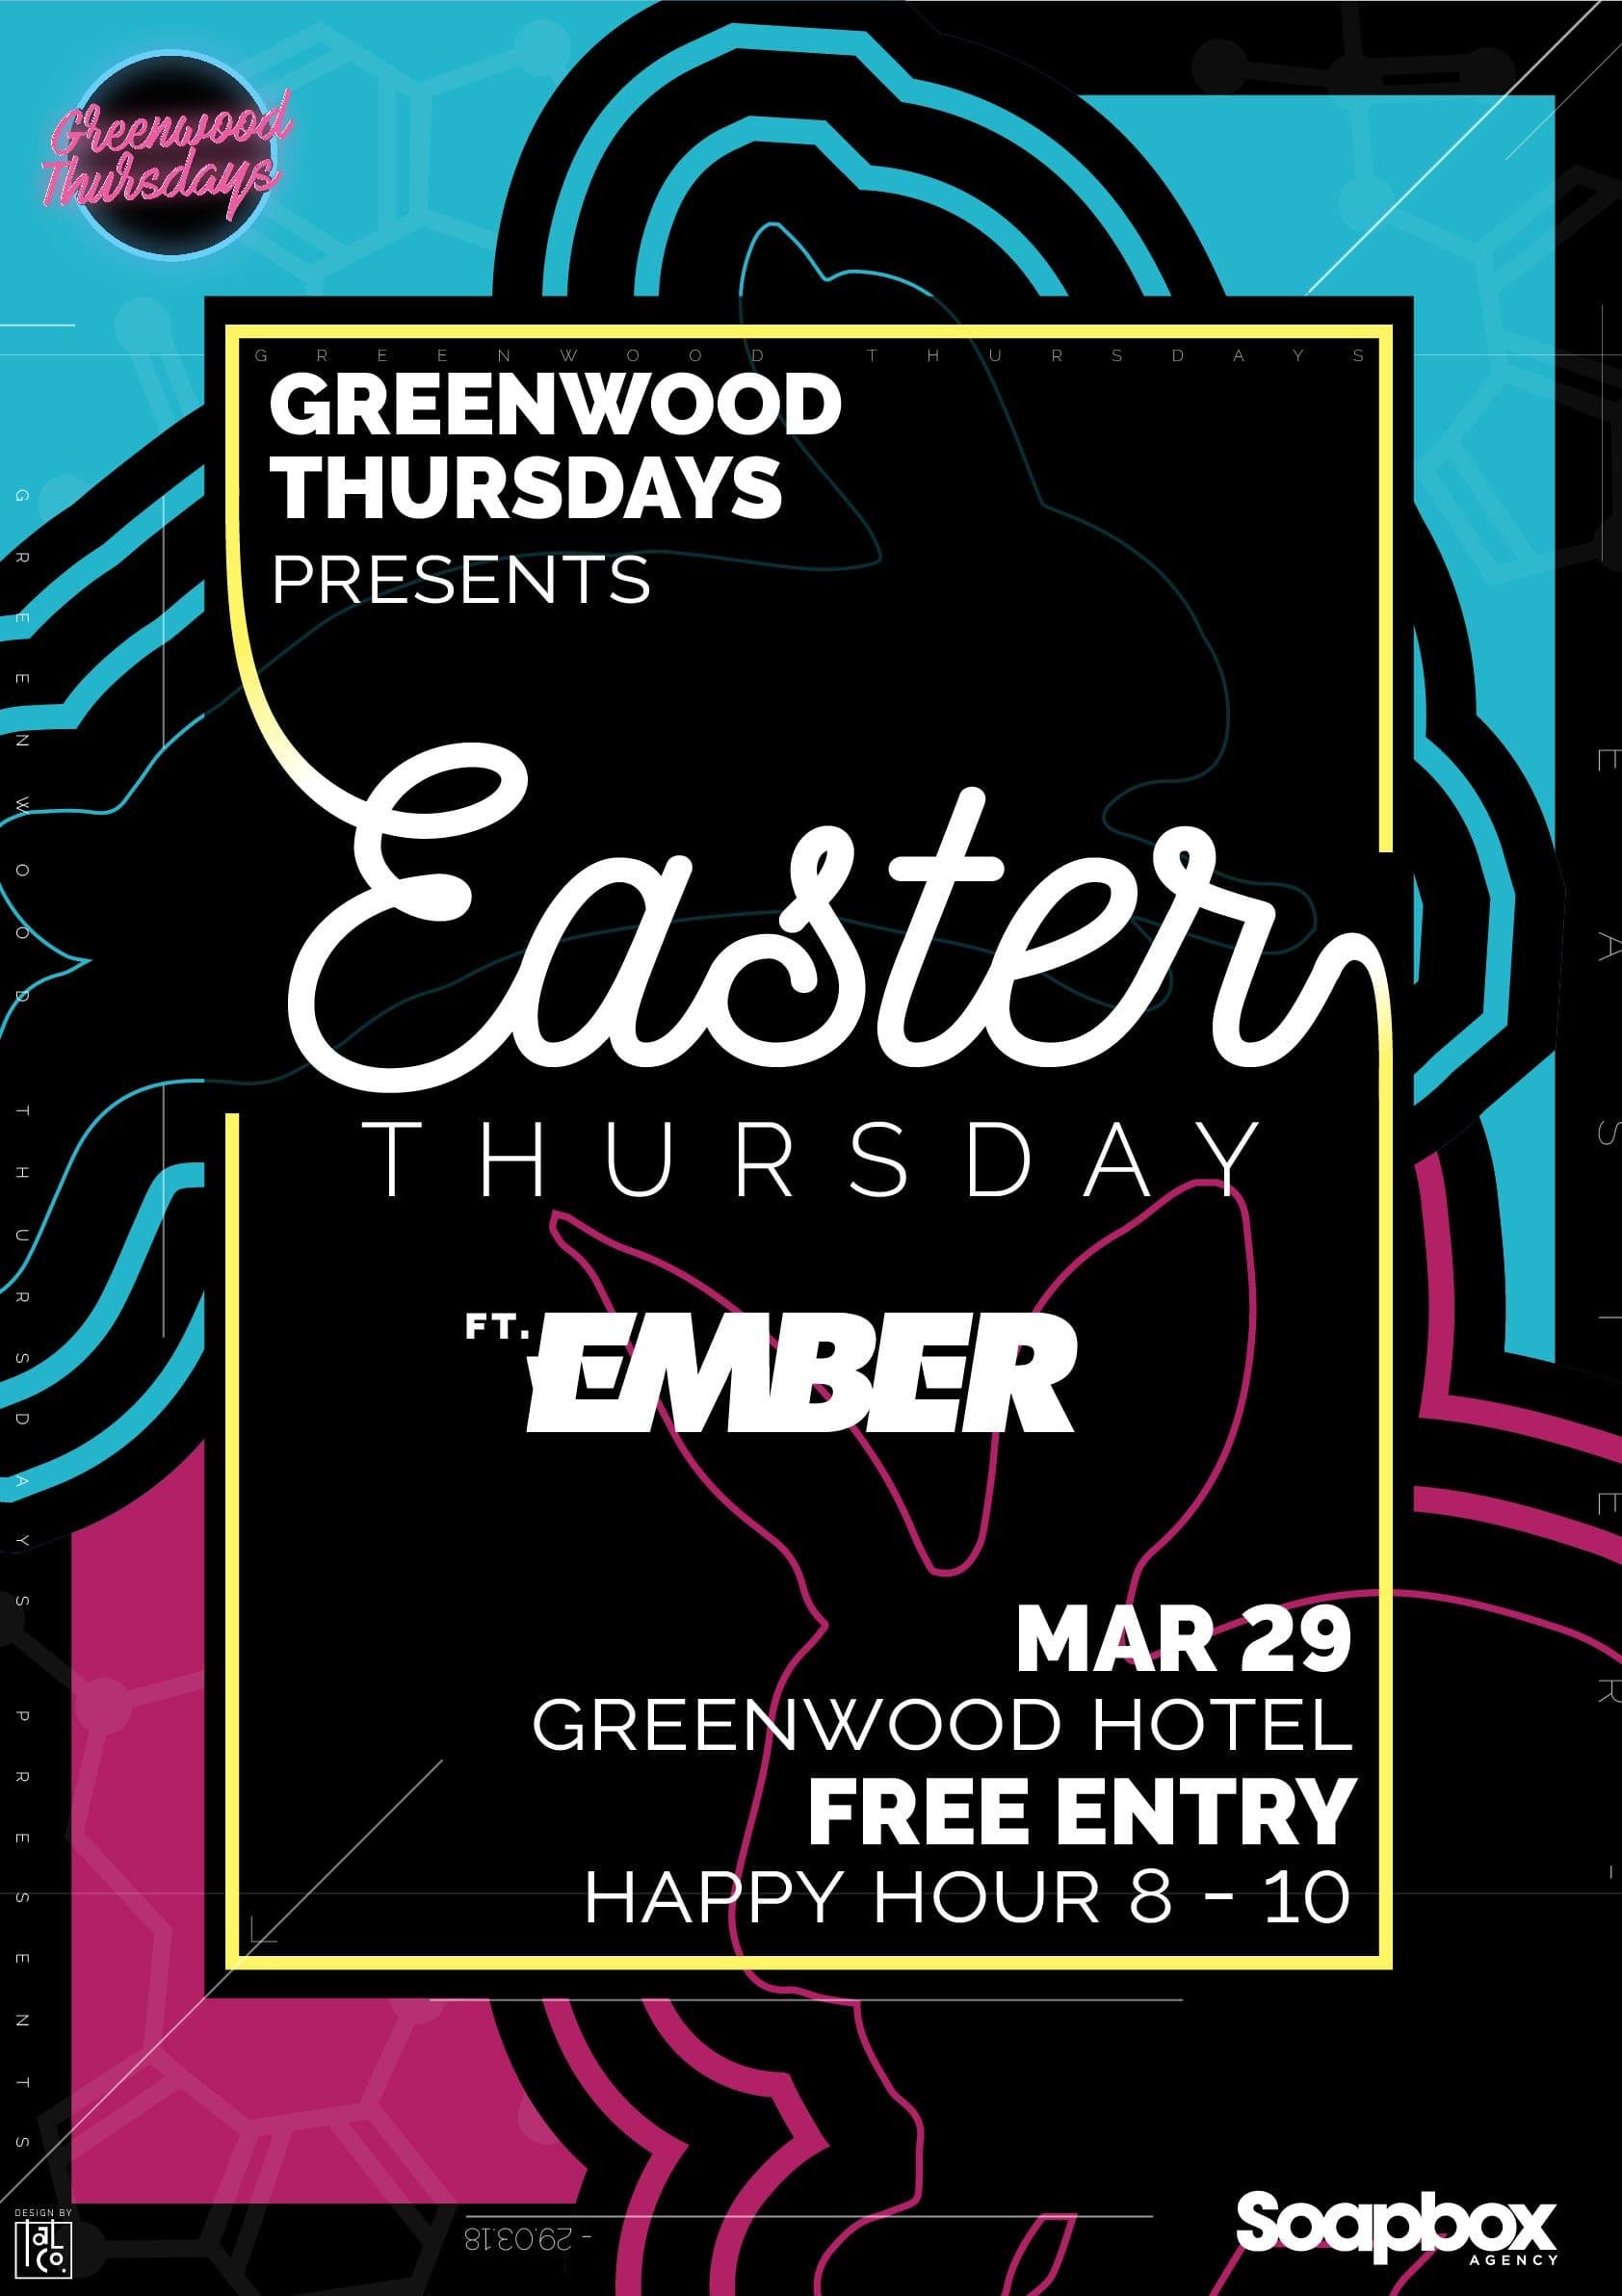 Easter Thursday Party ft Ember